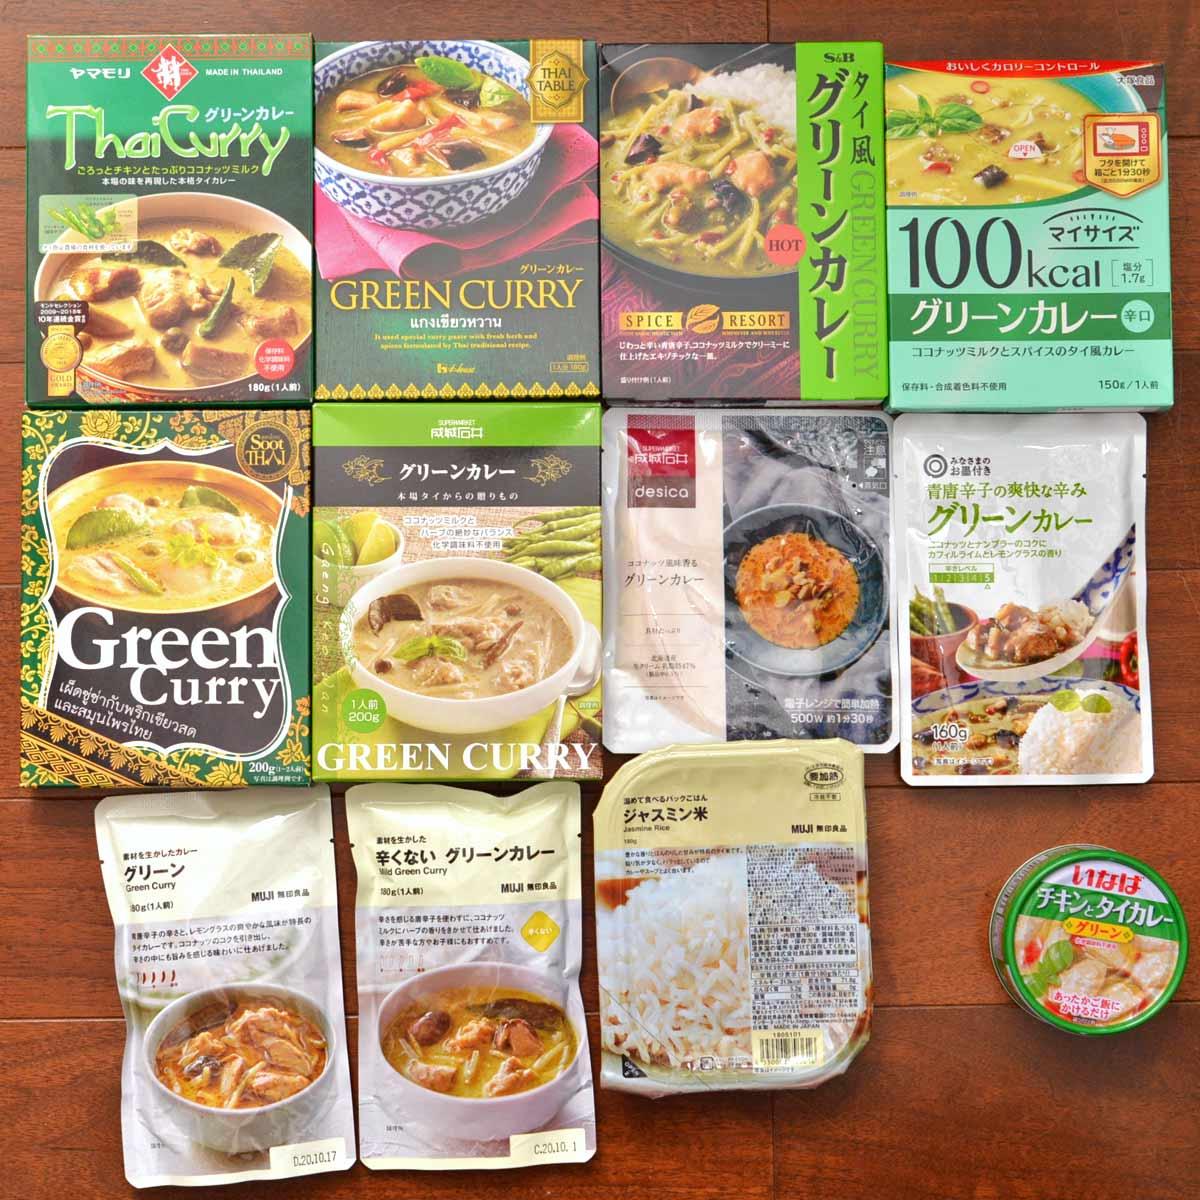 「グリーンカレー」11種をプロが食べ比べ! 本格派なのは? 甘めなのは?